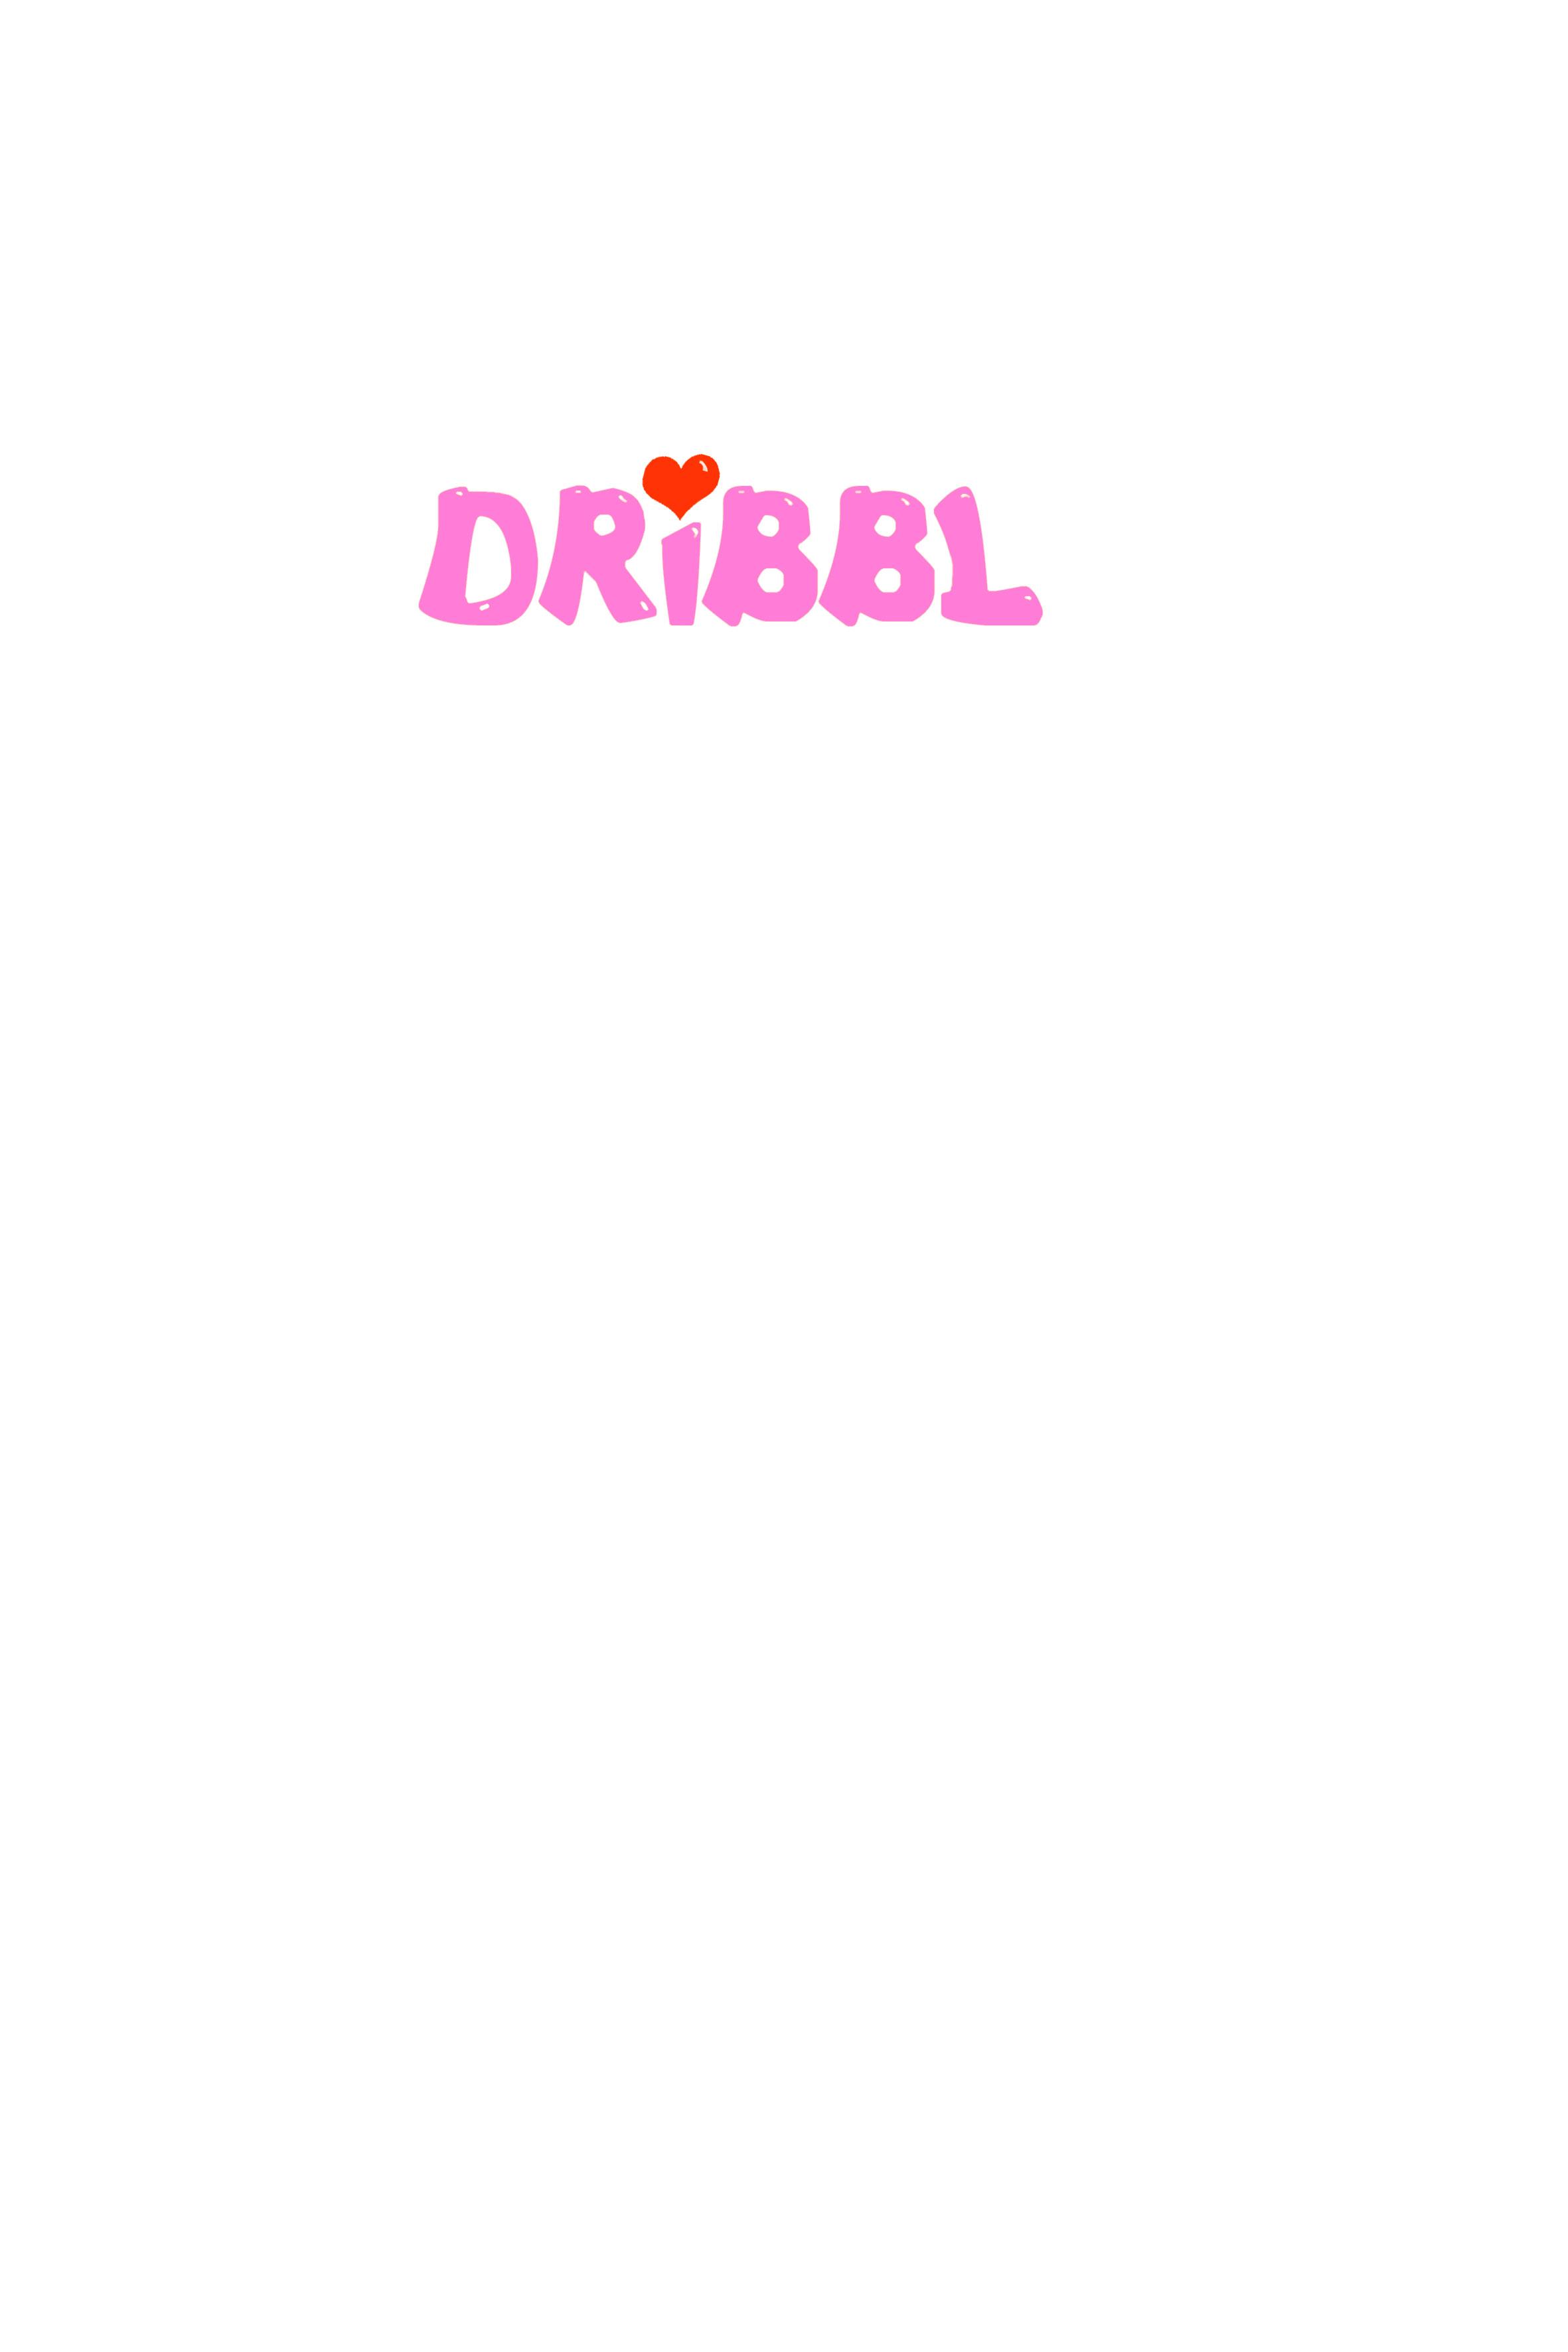 Разработка логотипа для сайта Dribbl.ru фото f_3165a9b45d9ab86c.jpg